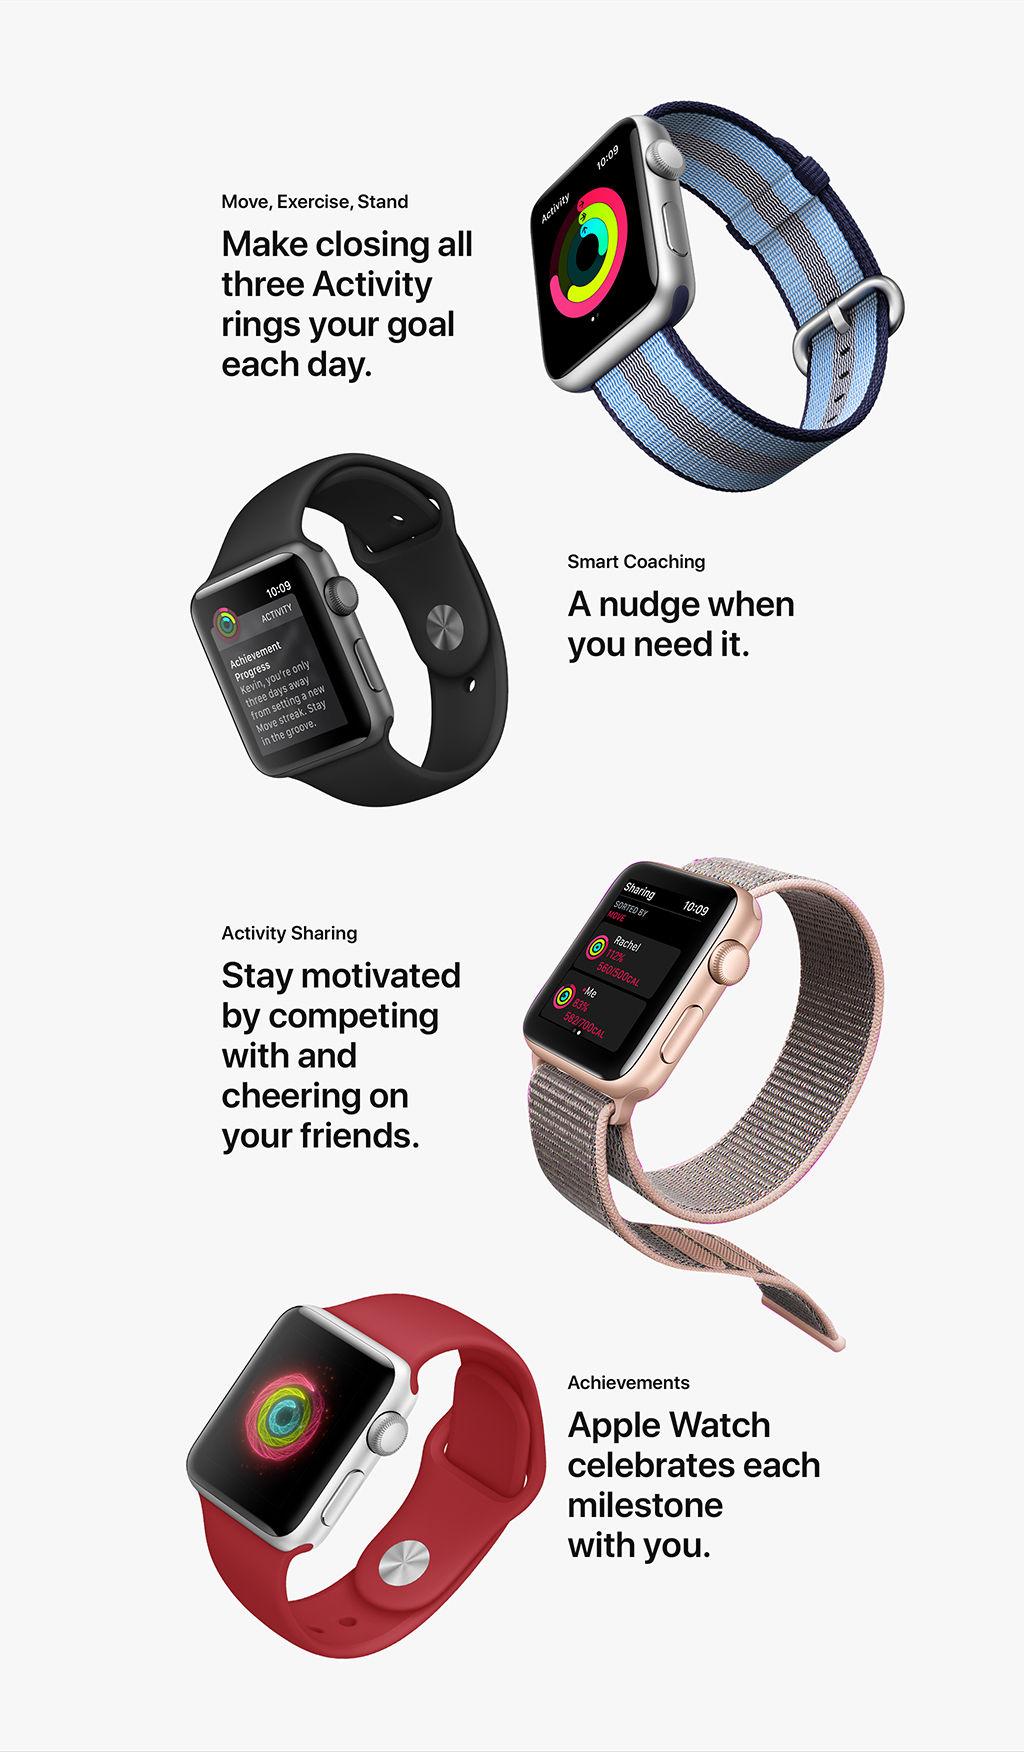 Apple Watch Kohls 2 Series 1 38mm Rose Gold Aluminum Pink Sport Band Info